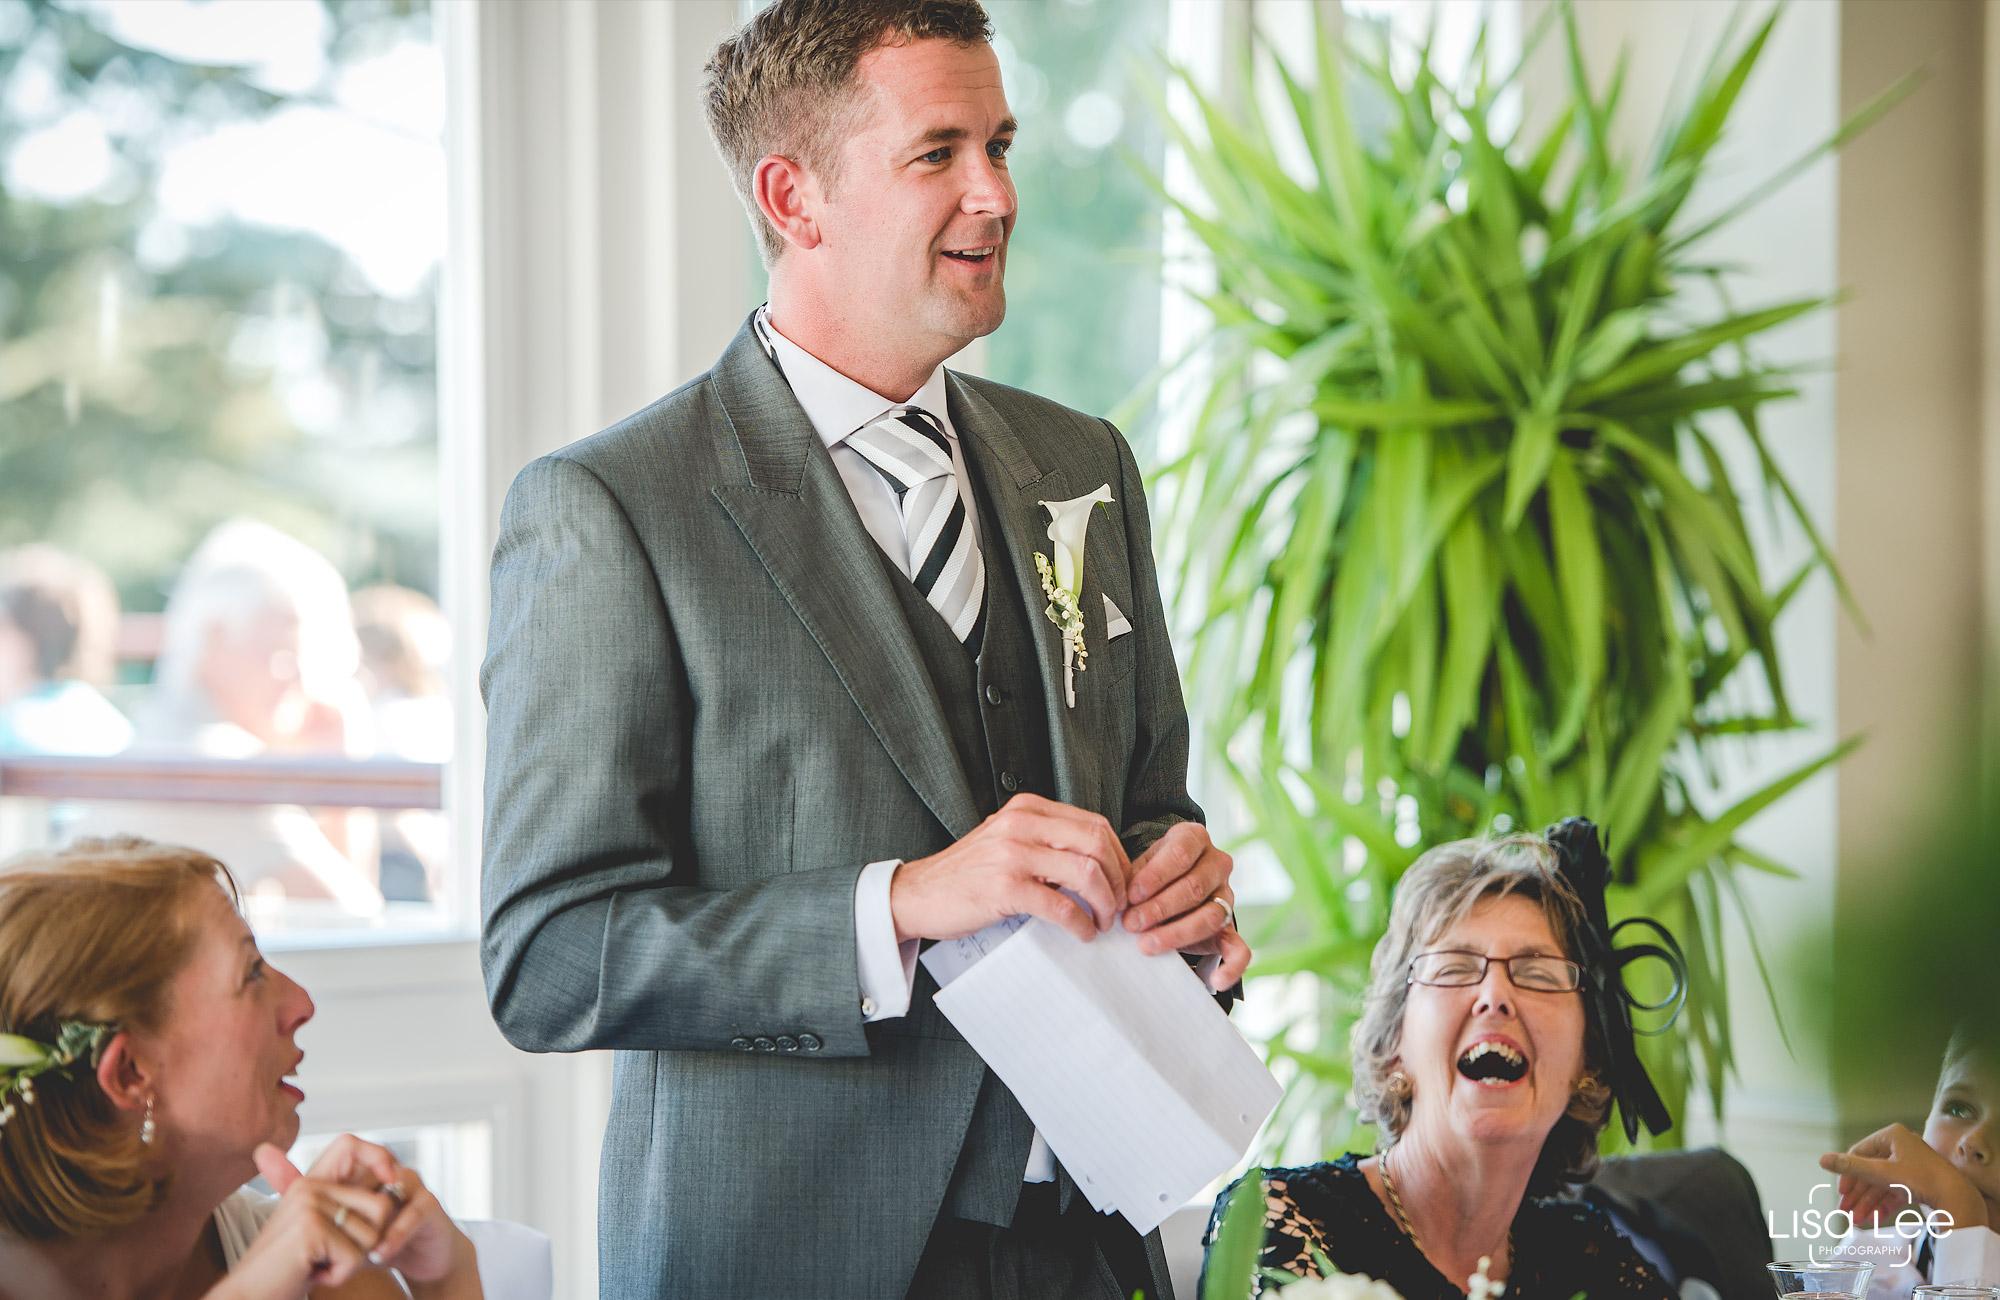 lisa-lee-wedding-photography-christchurch-dorset-speech2.jpg